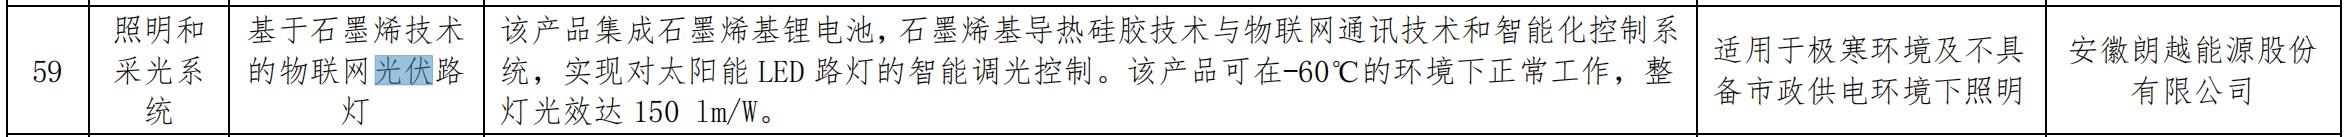 关于发布北京市节能技术产品推荐目录(2020年本)的通知 (京发改〔2020〕1889号)20201228